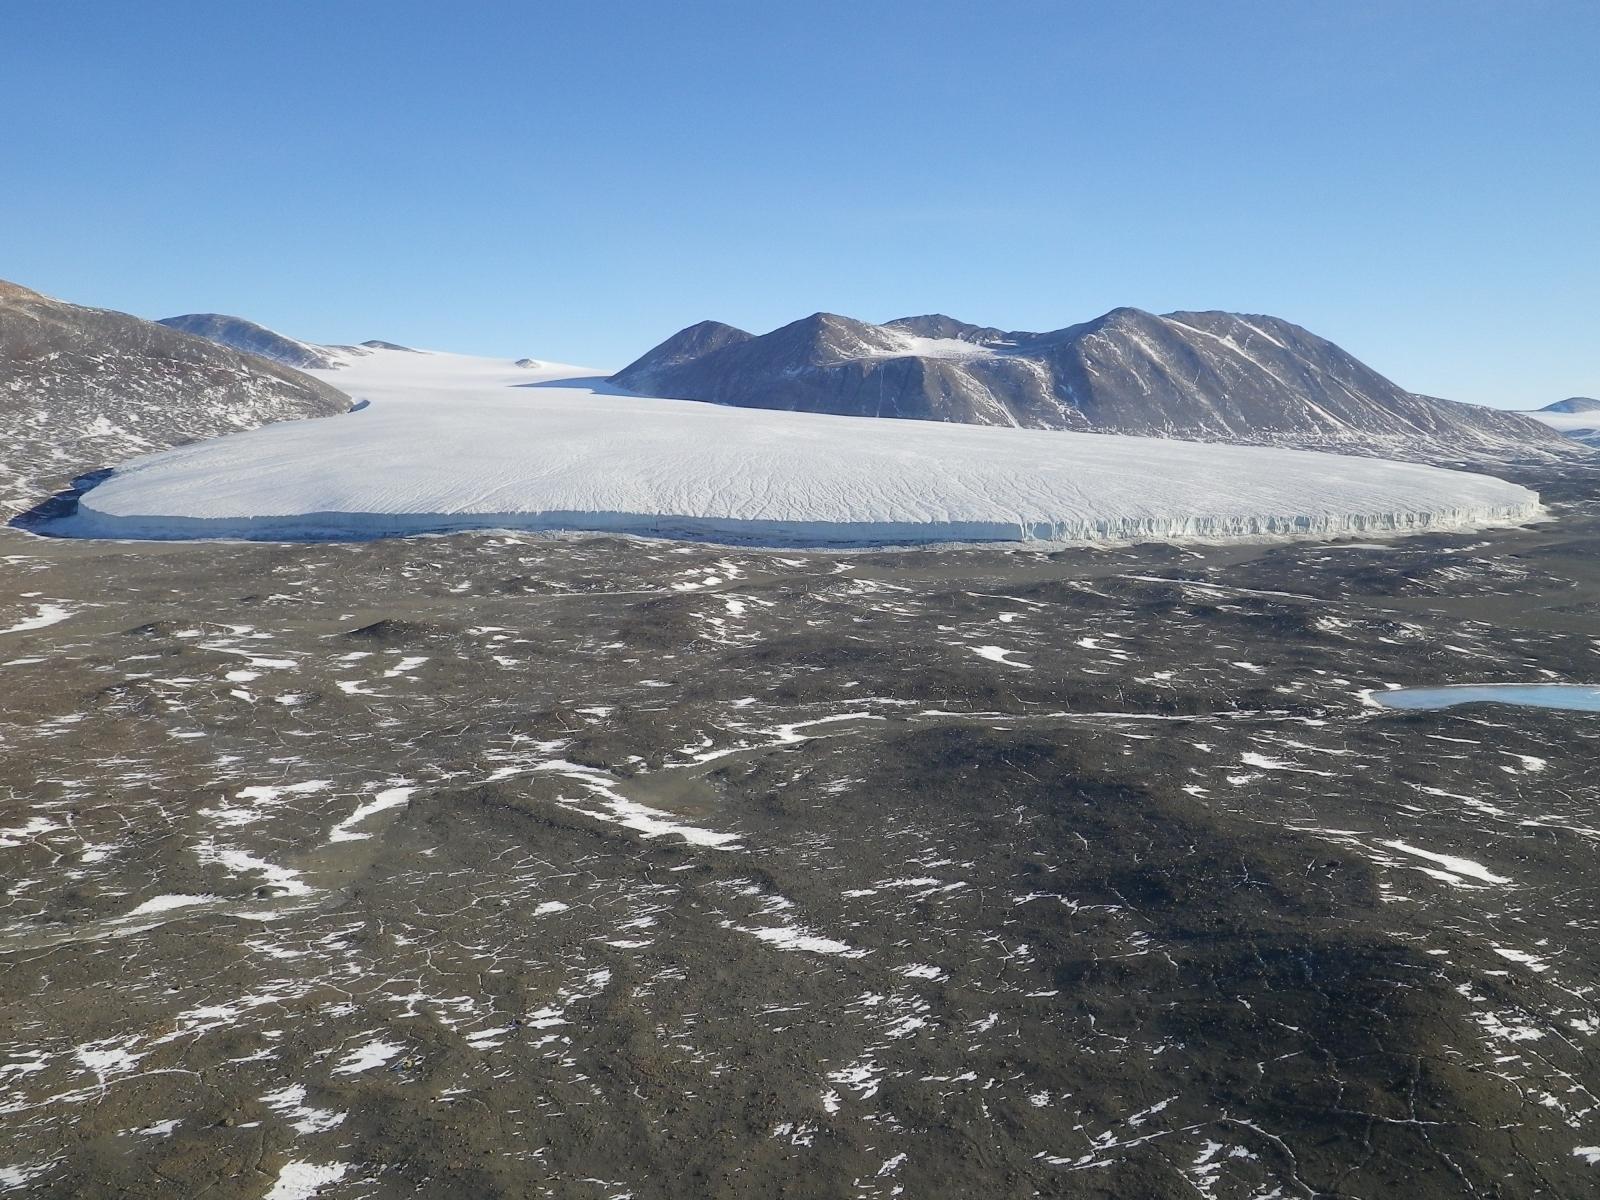 Polar desert